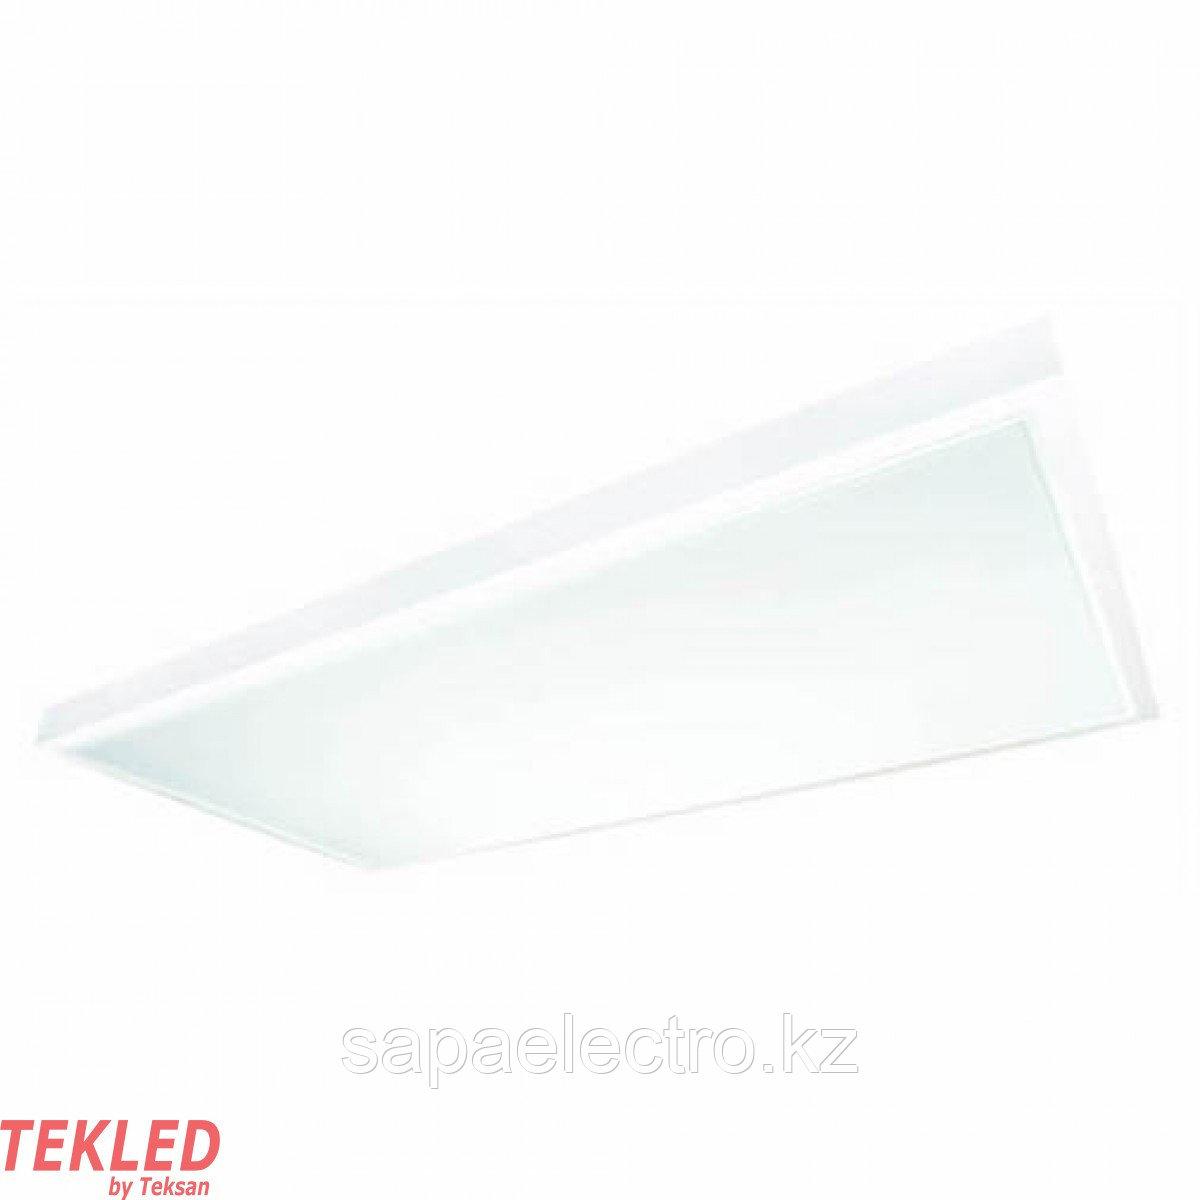 Св-к OPALLED 8X9W/LZN 436 MODERNA накл-й MEGALUX